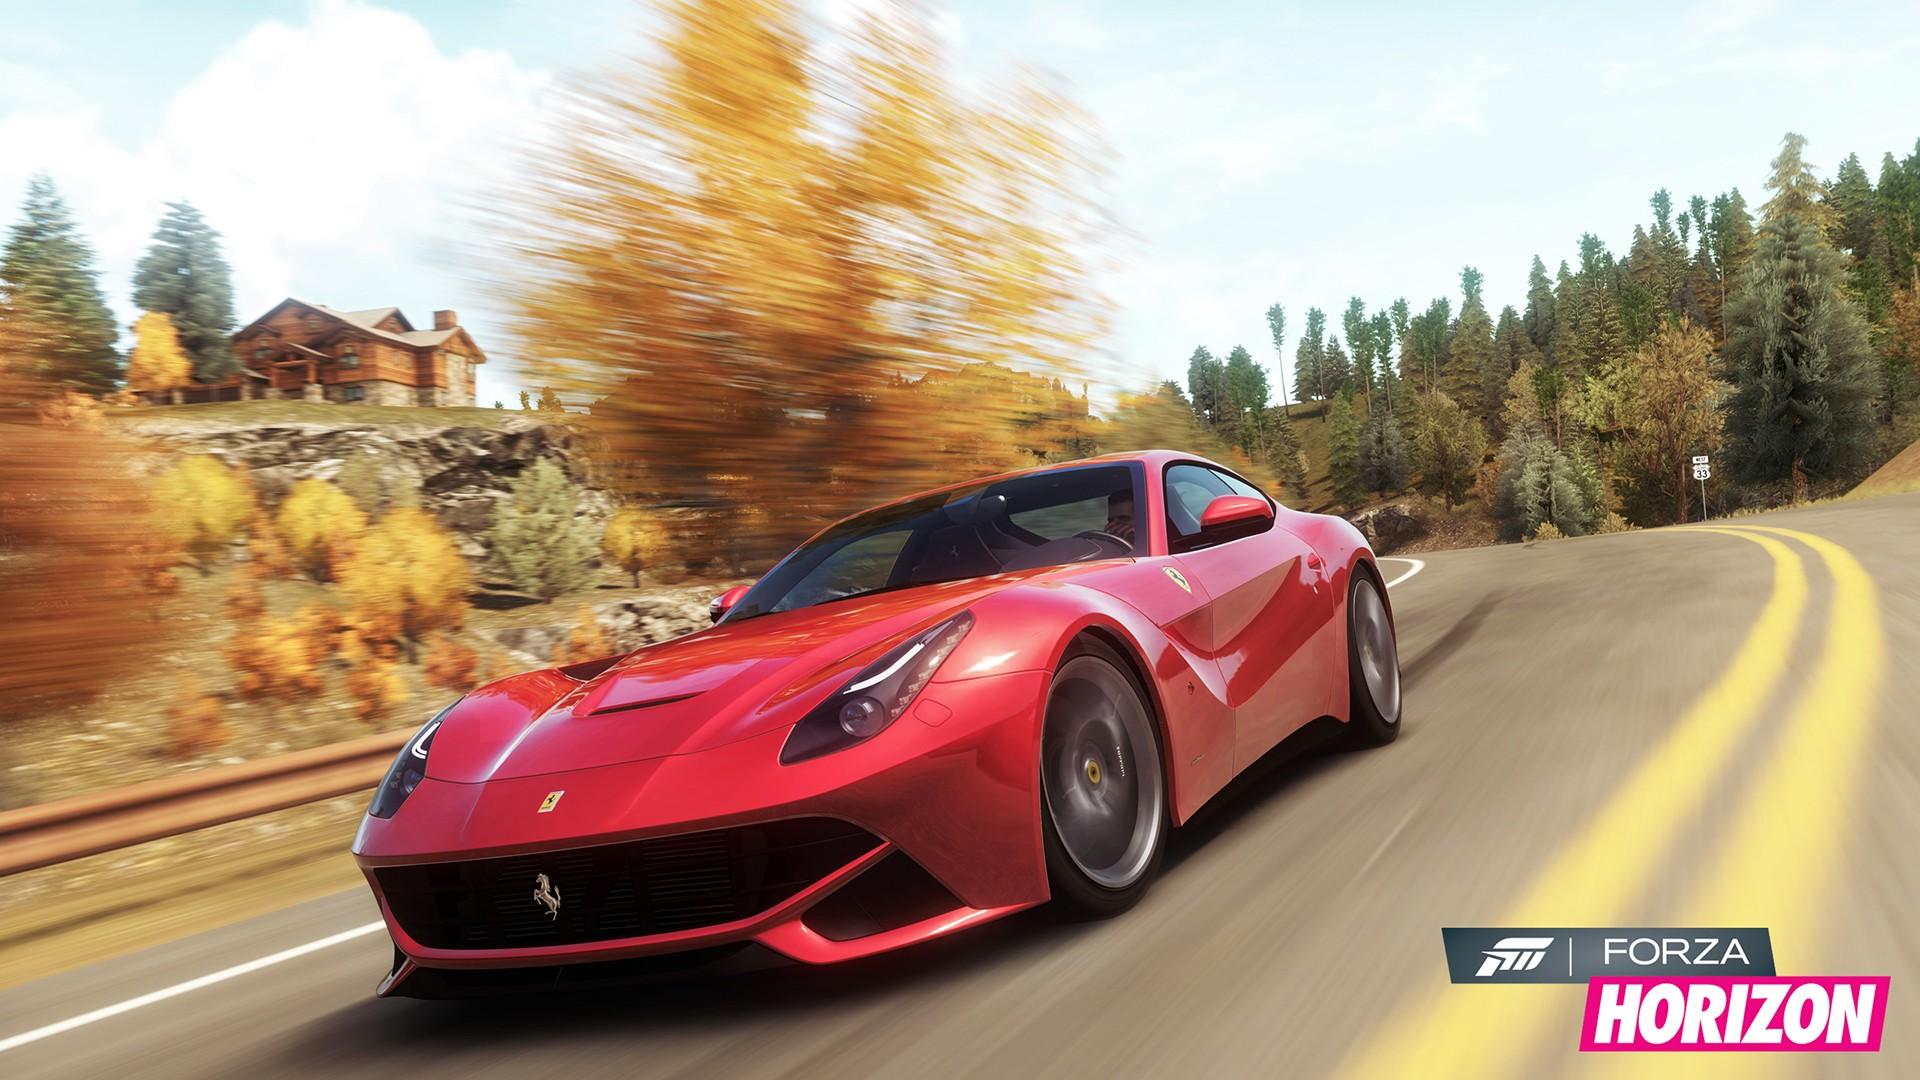 Создатели Forza Horizon привлекли к своей новой игре разработчиков GTA 5, Metal Gear Solid и Hellblade